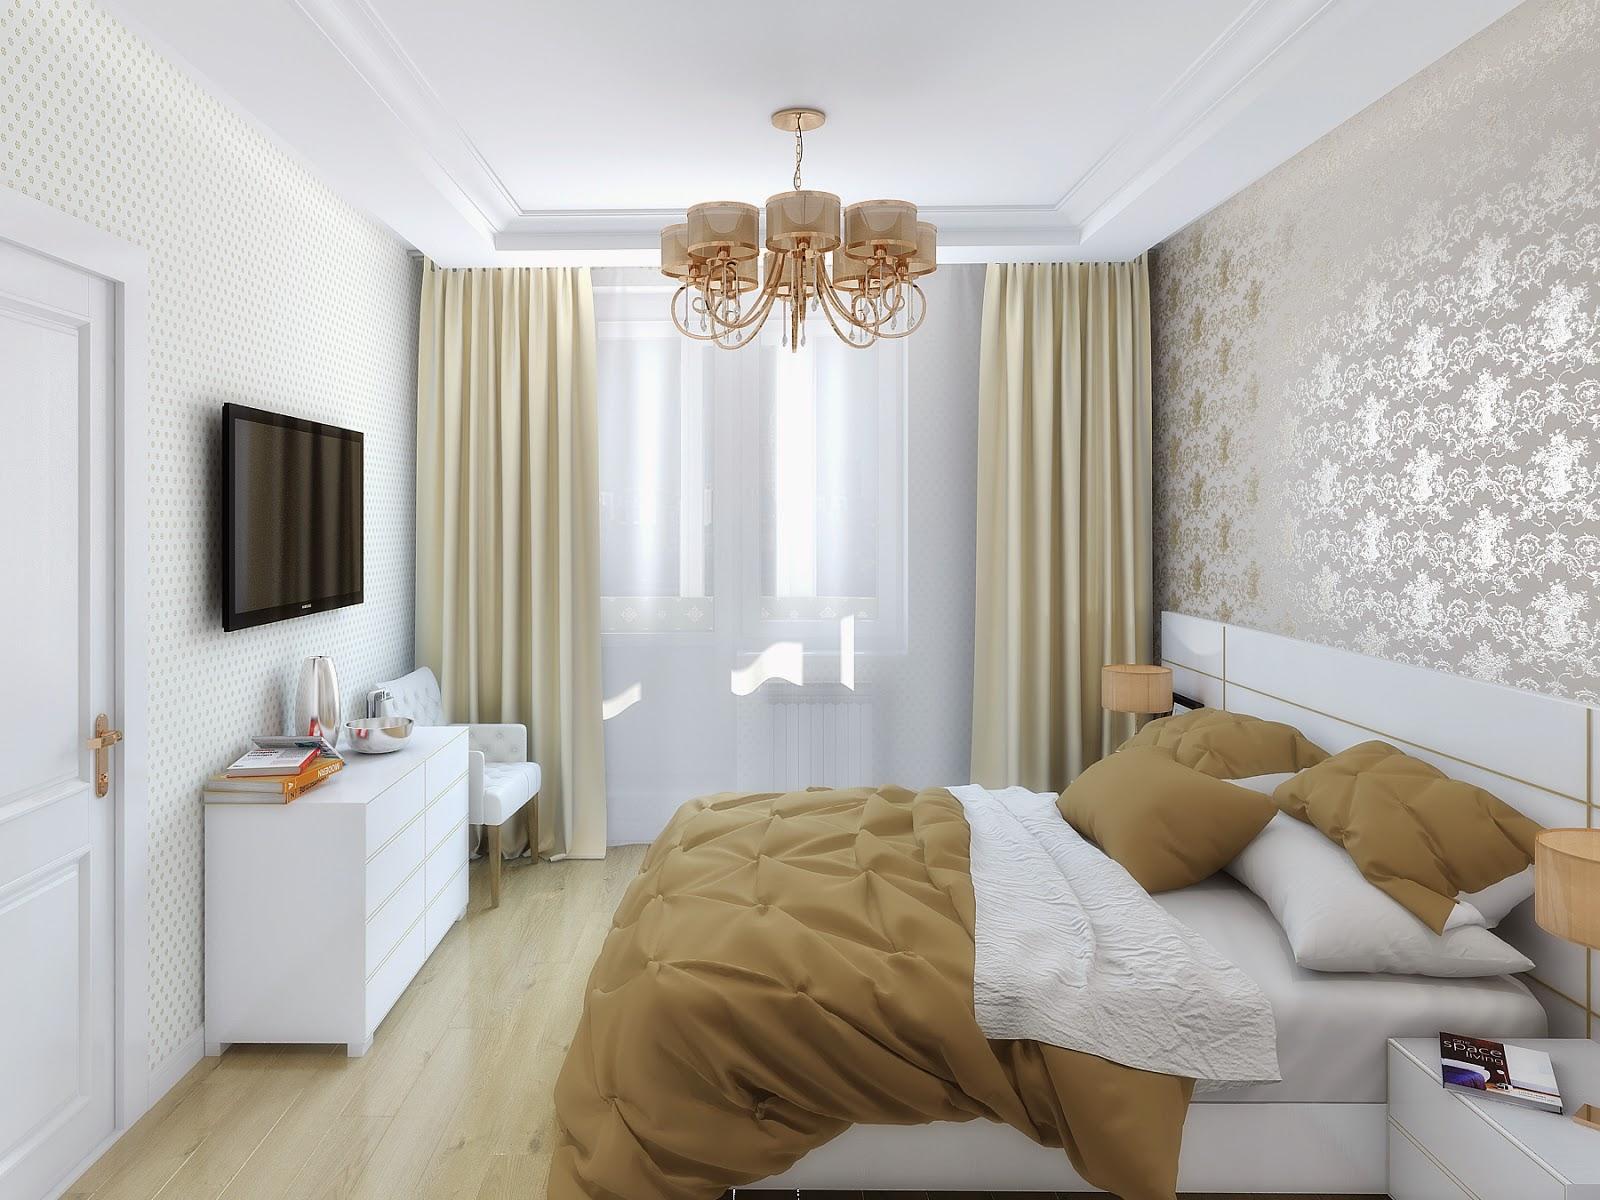 Дизайн интерьера комнат - дизайн интерьера в екатеринбурге, .